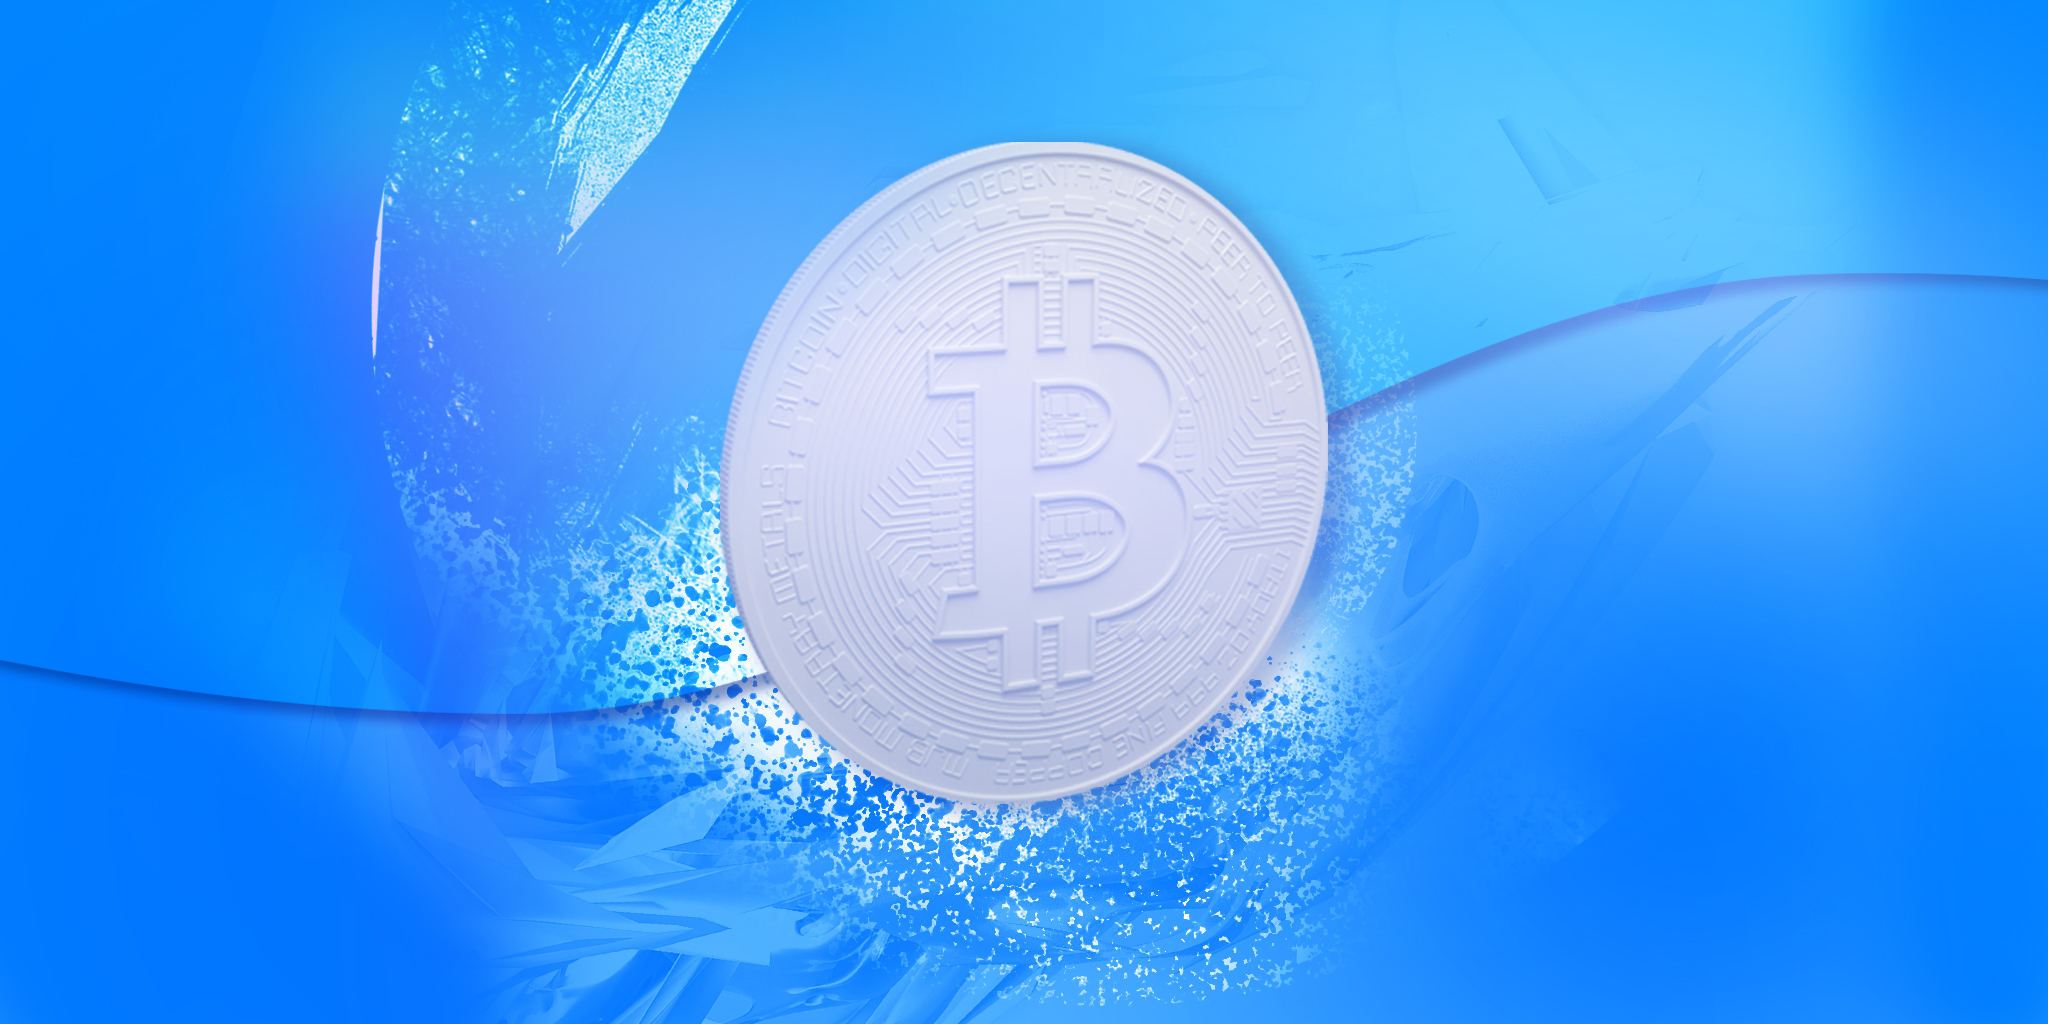 AfriCrypt eigenaars gaan er vandoor met $3,6 miljard aan Bitcoin